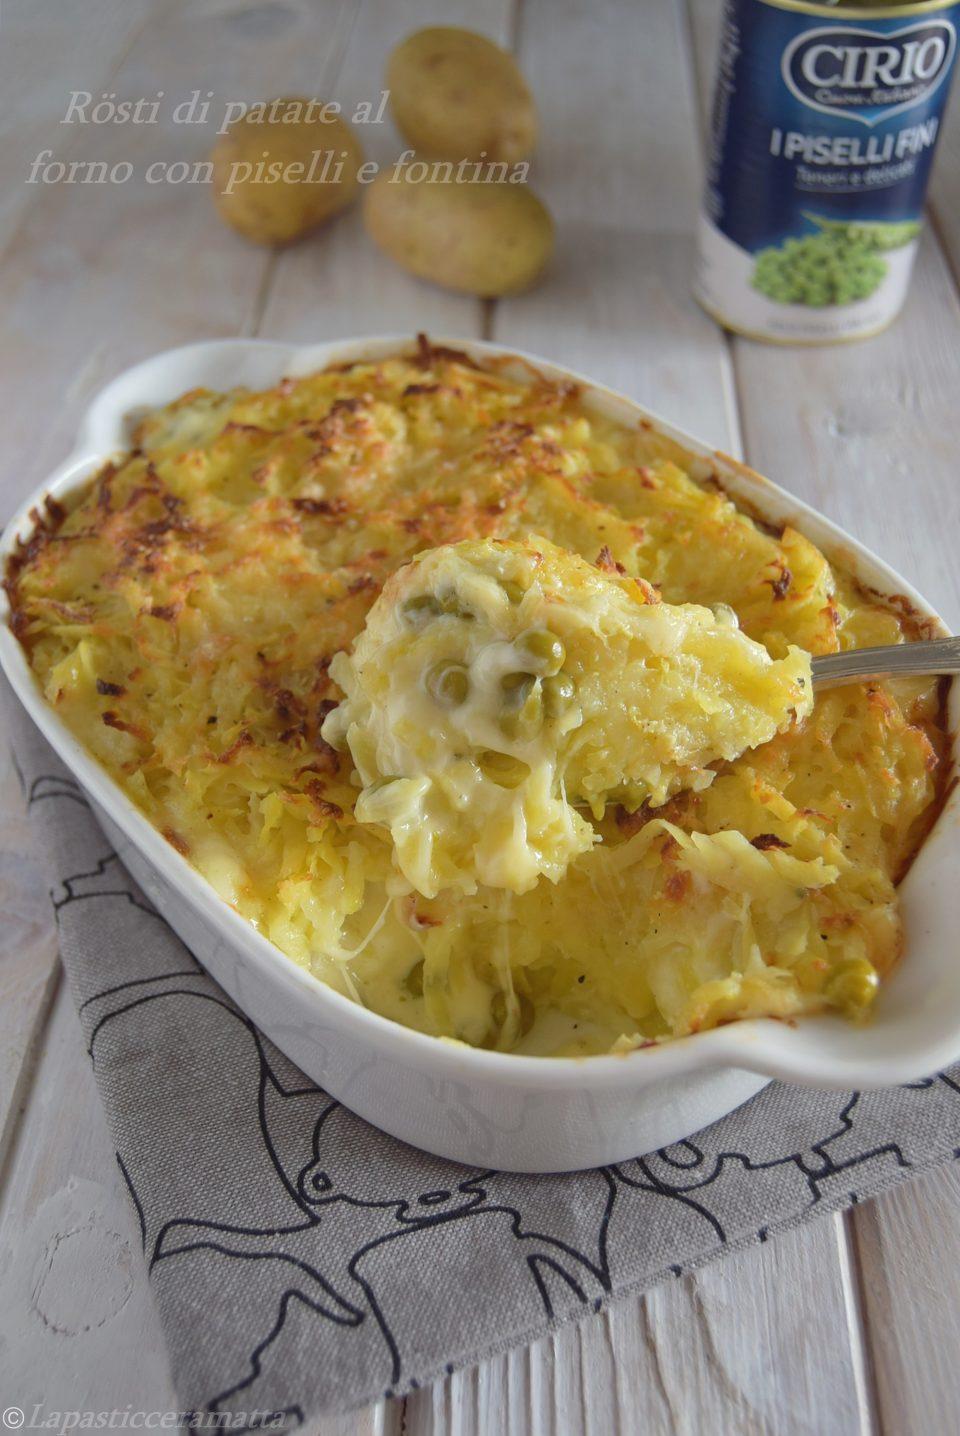 Rösti di patate al forno con piselli e fontina-ricetta veloce